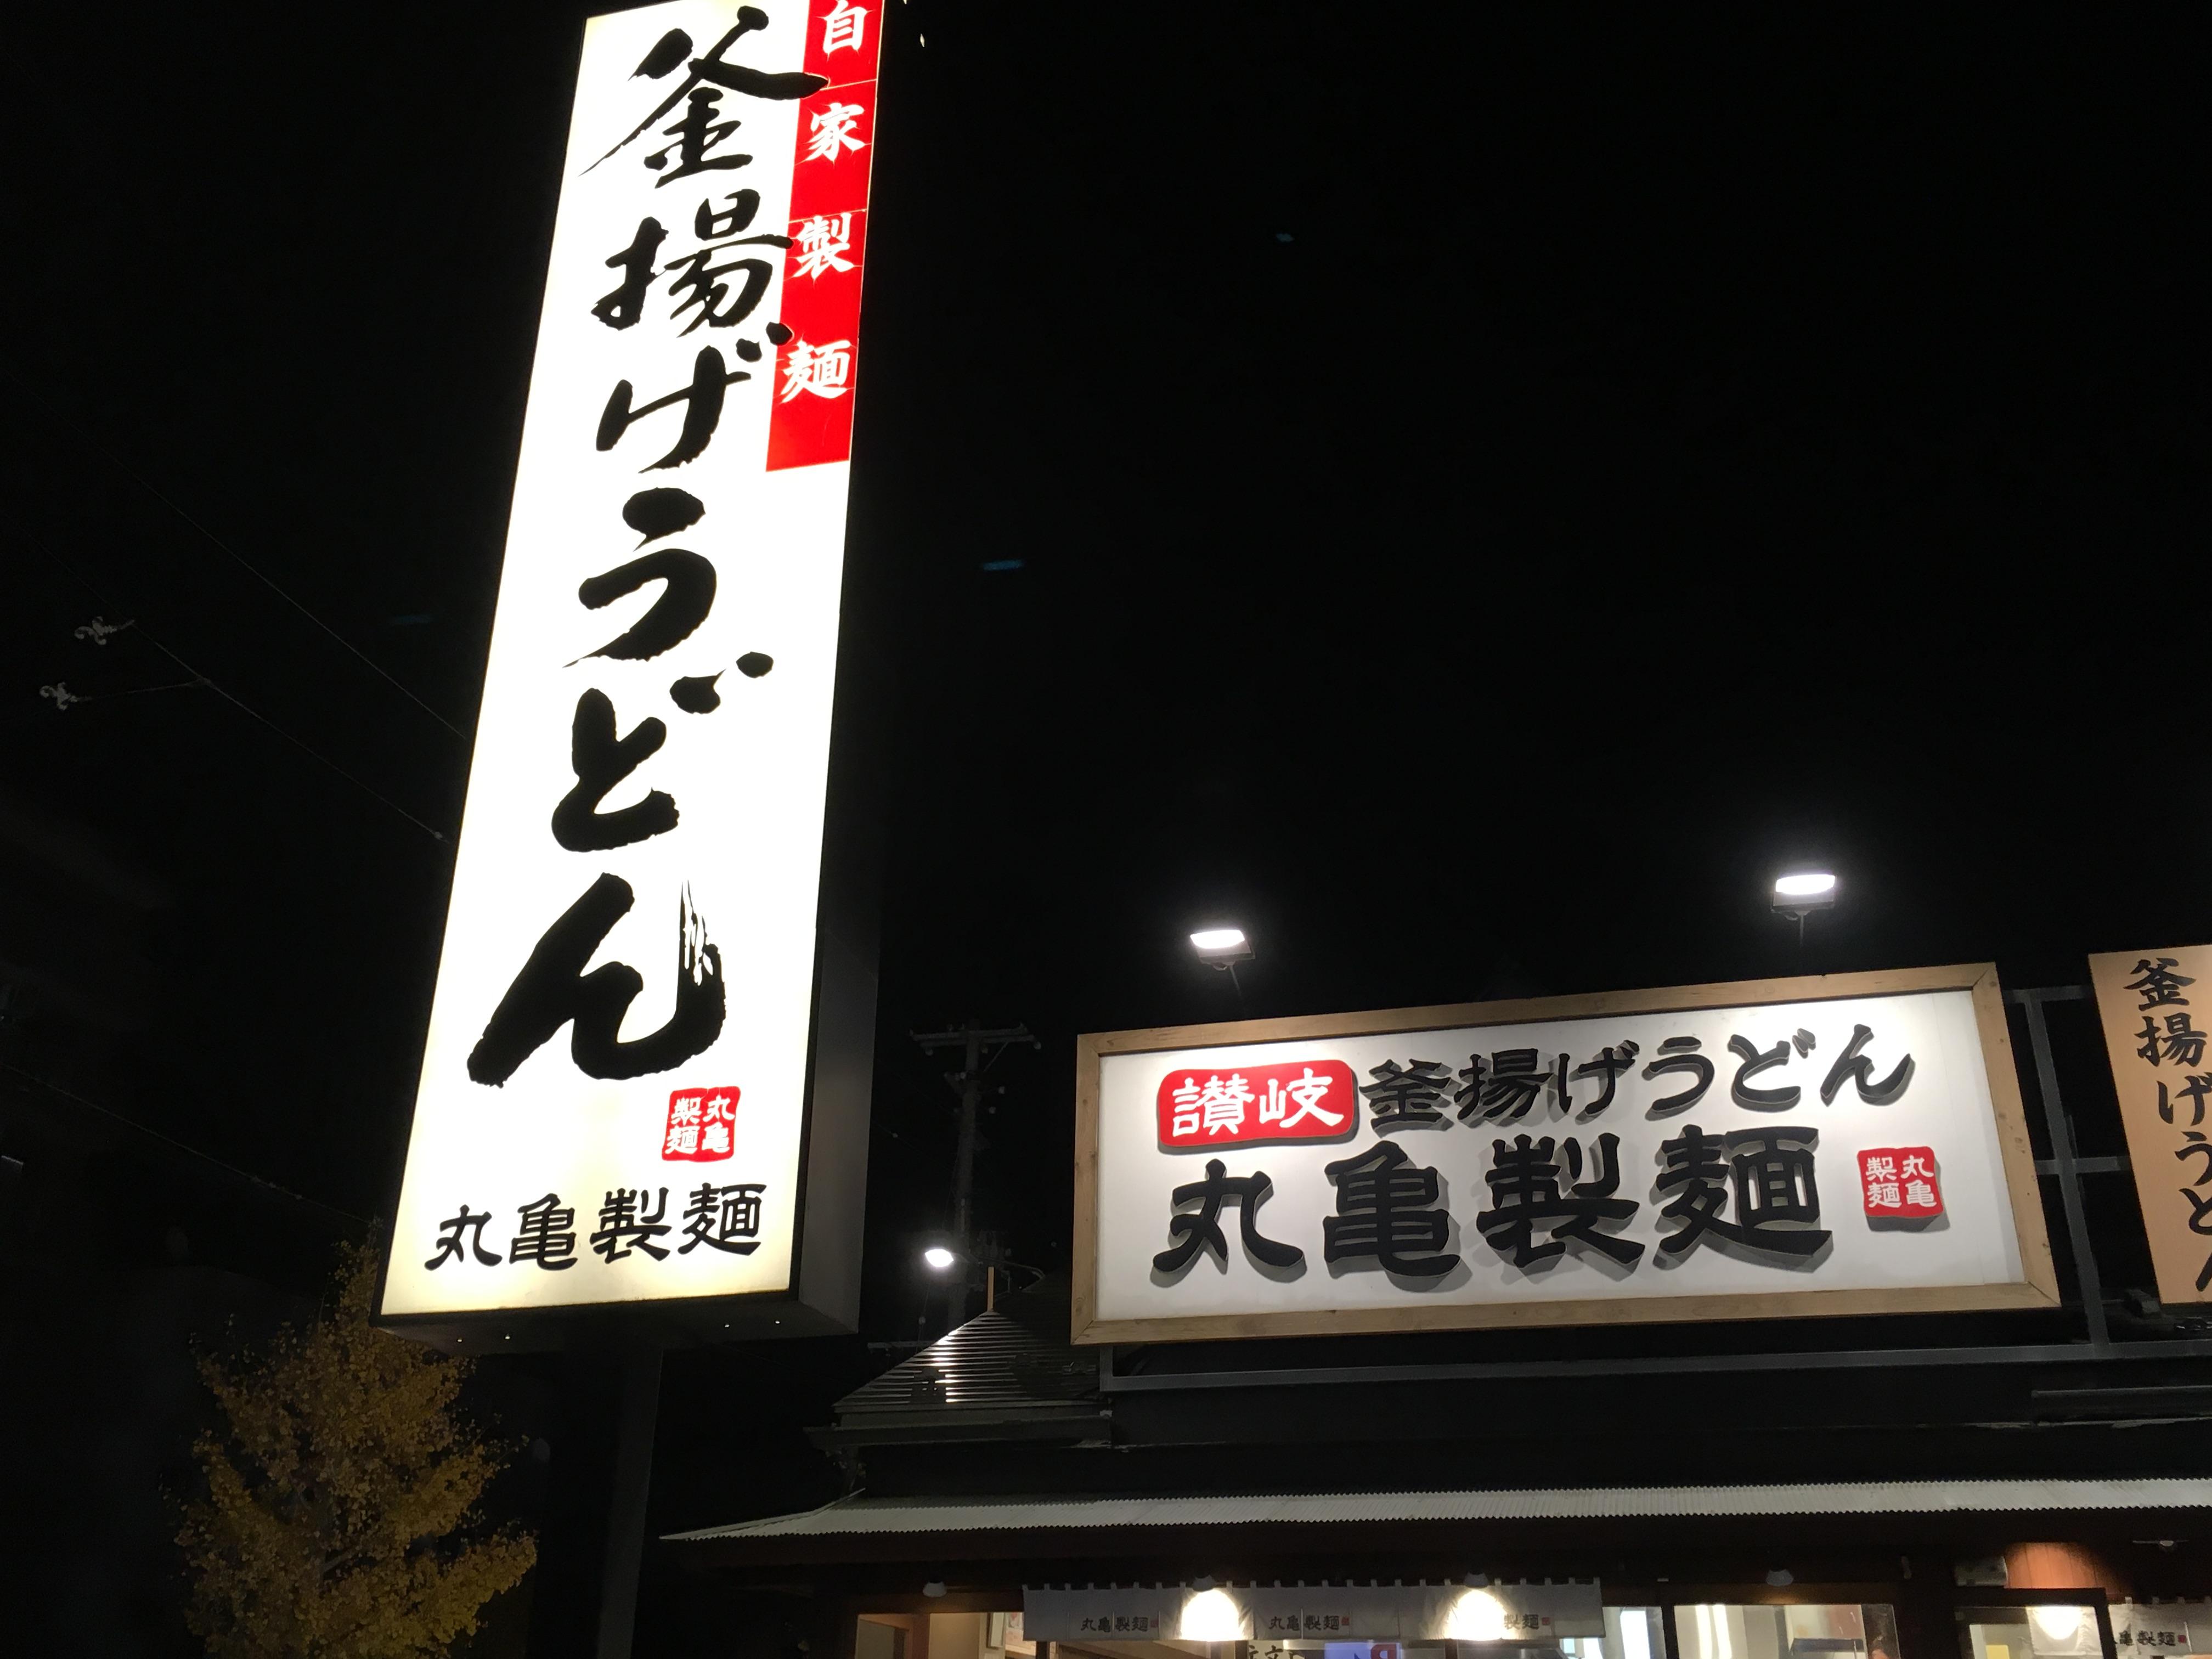 今日まで!夜限定・丸亀製麺で新メニューが半額で食べられます!